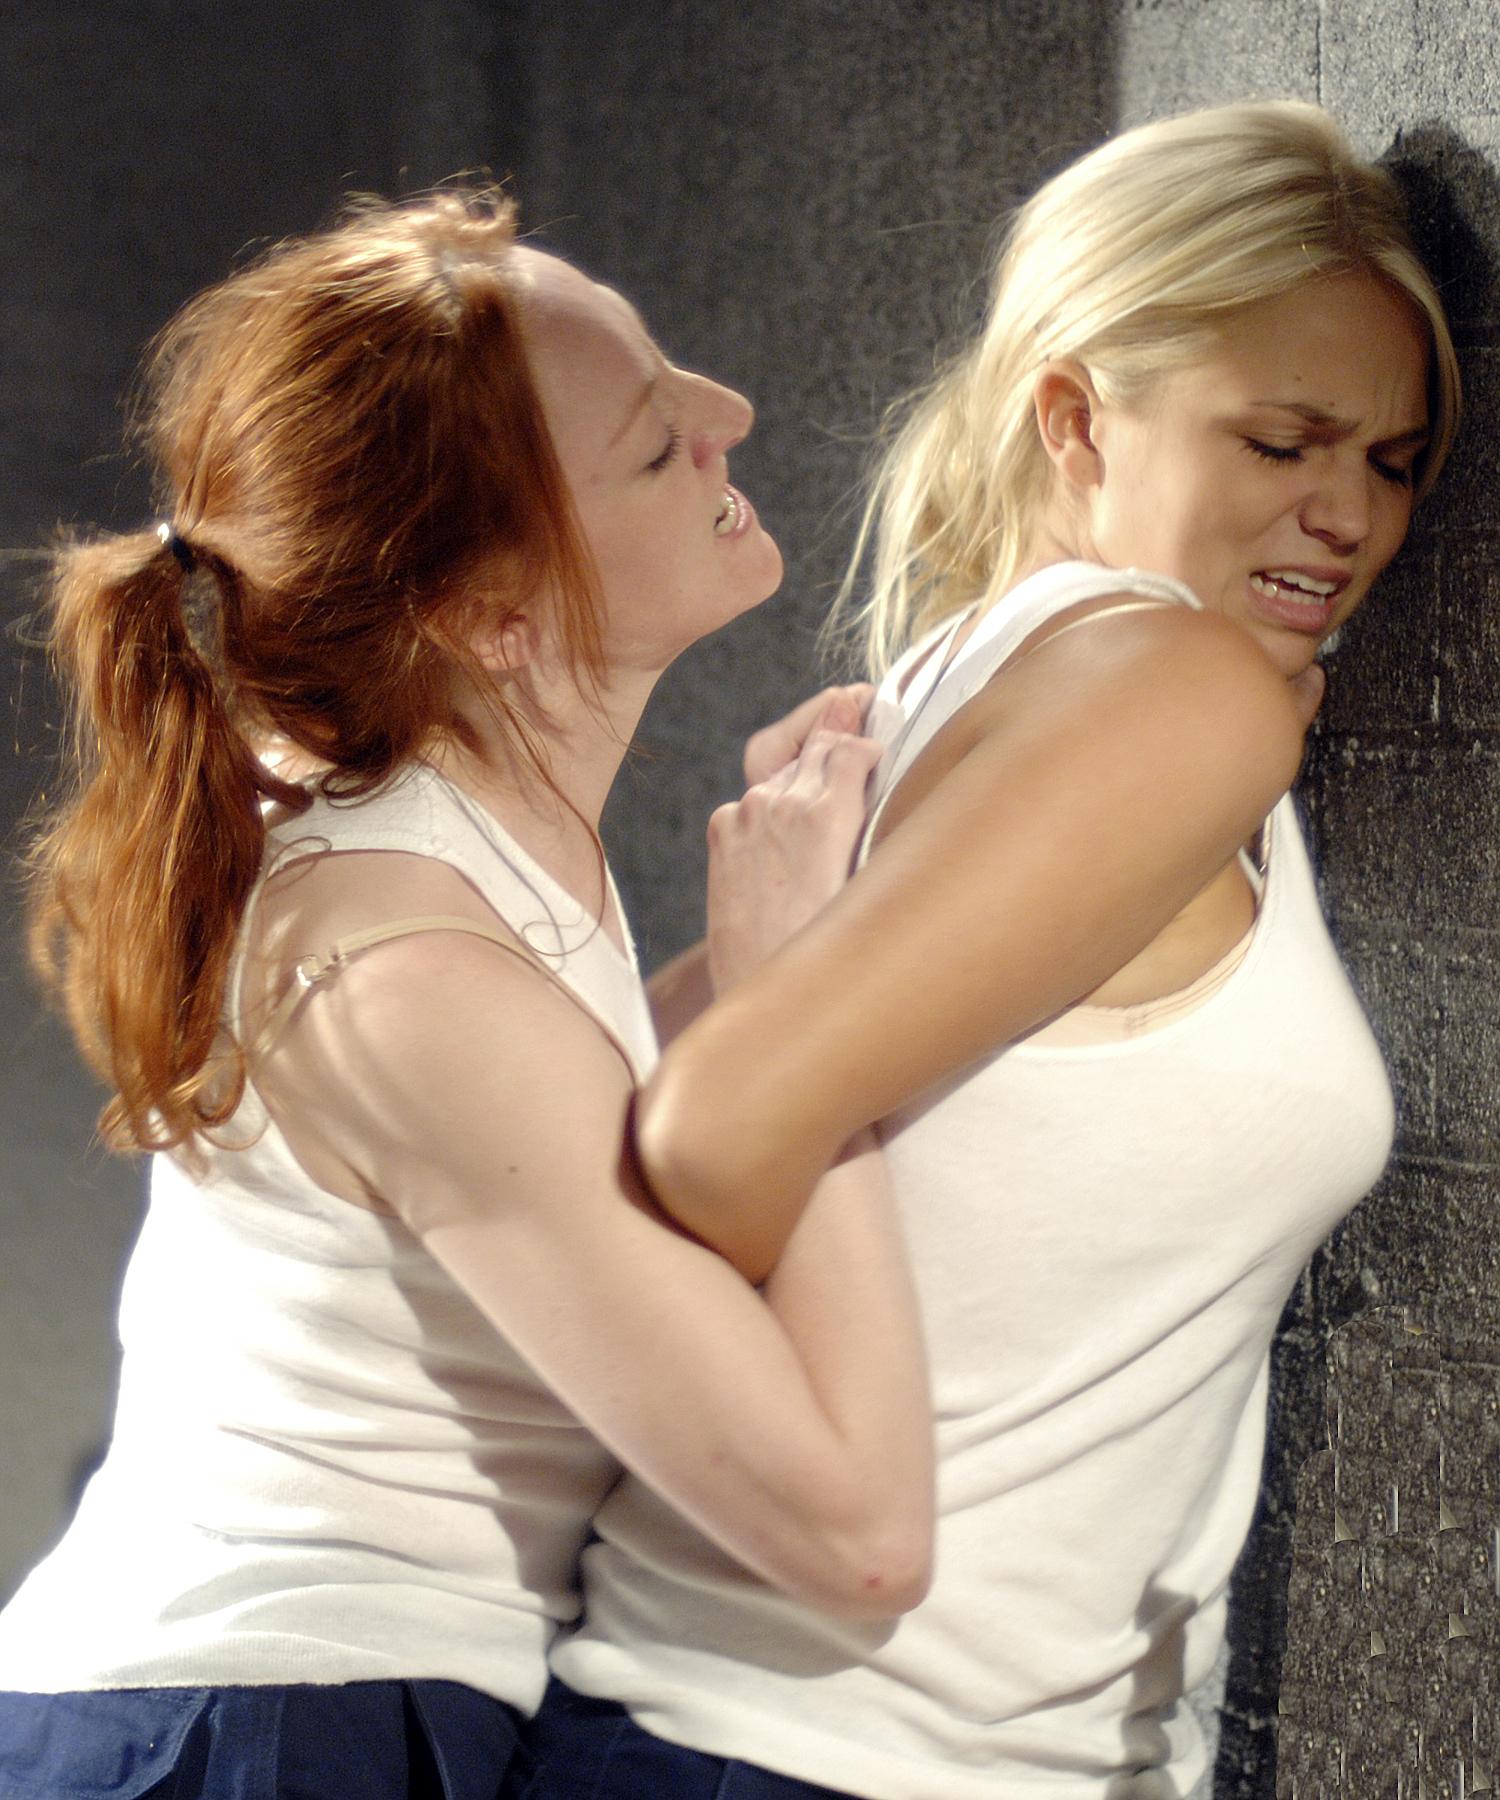 Mary saves Sky from evil Krystal